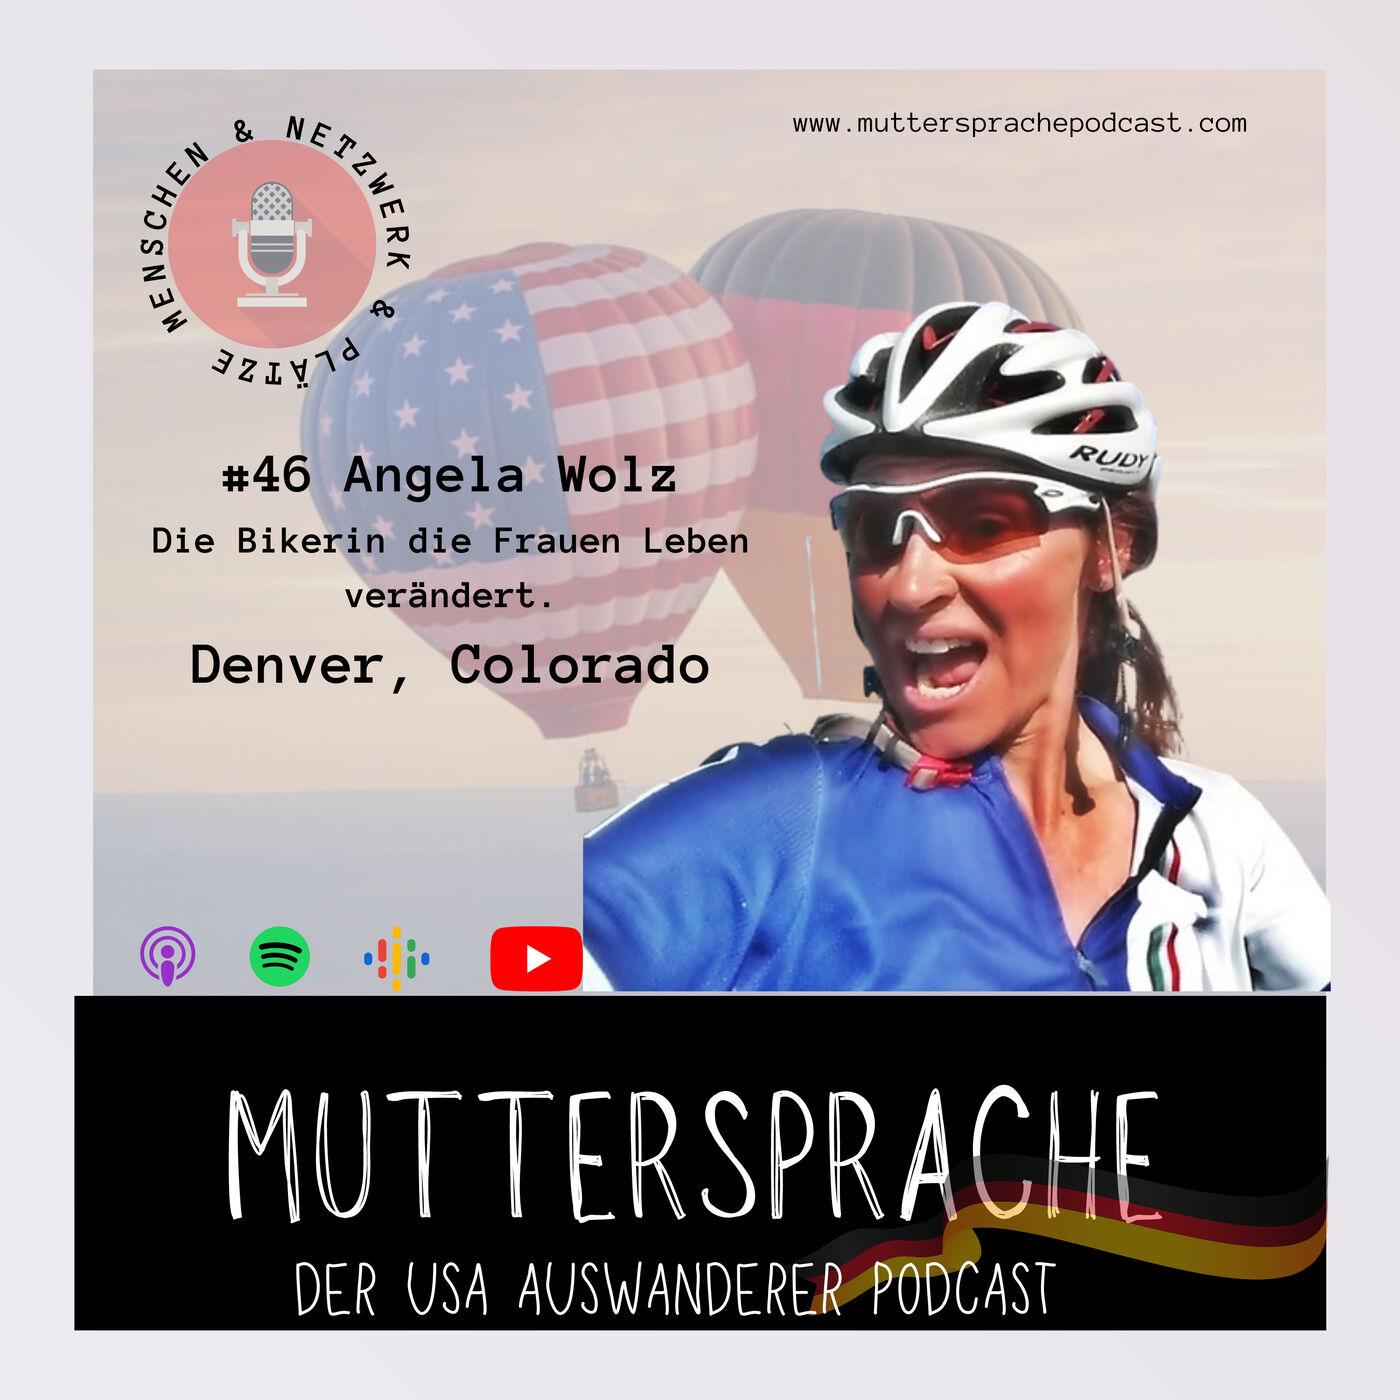 Folge 46: Die Bikerin die das Leben von Frauen verändert. ANGELA WOLZ - Denver, Colorado